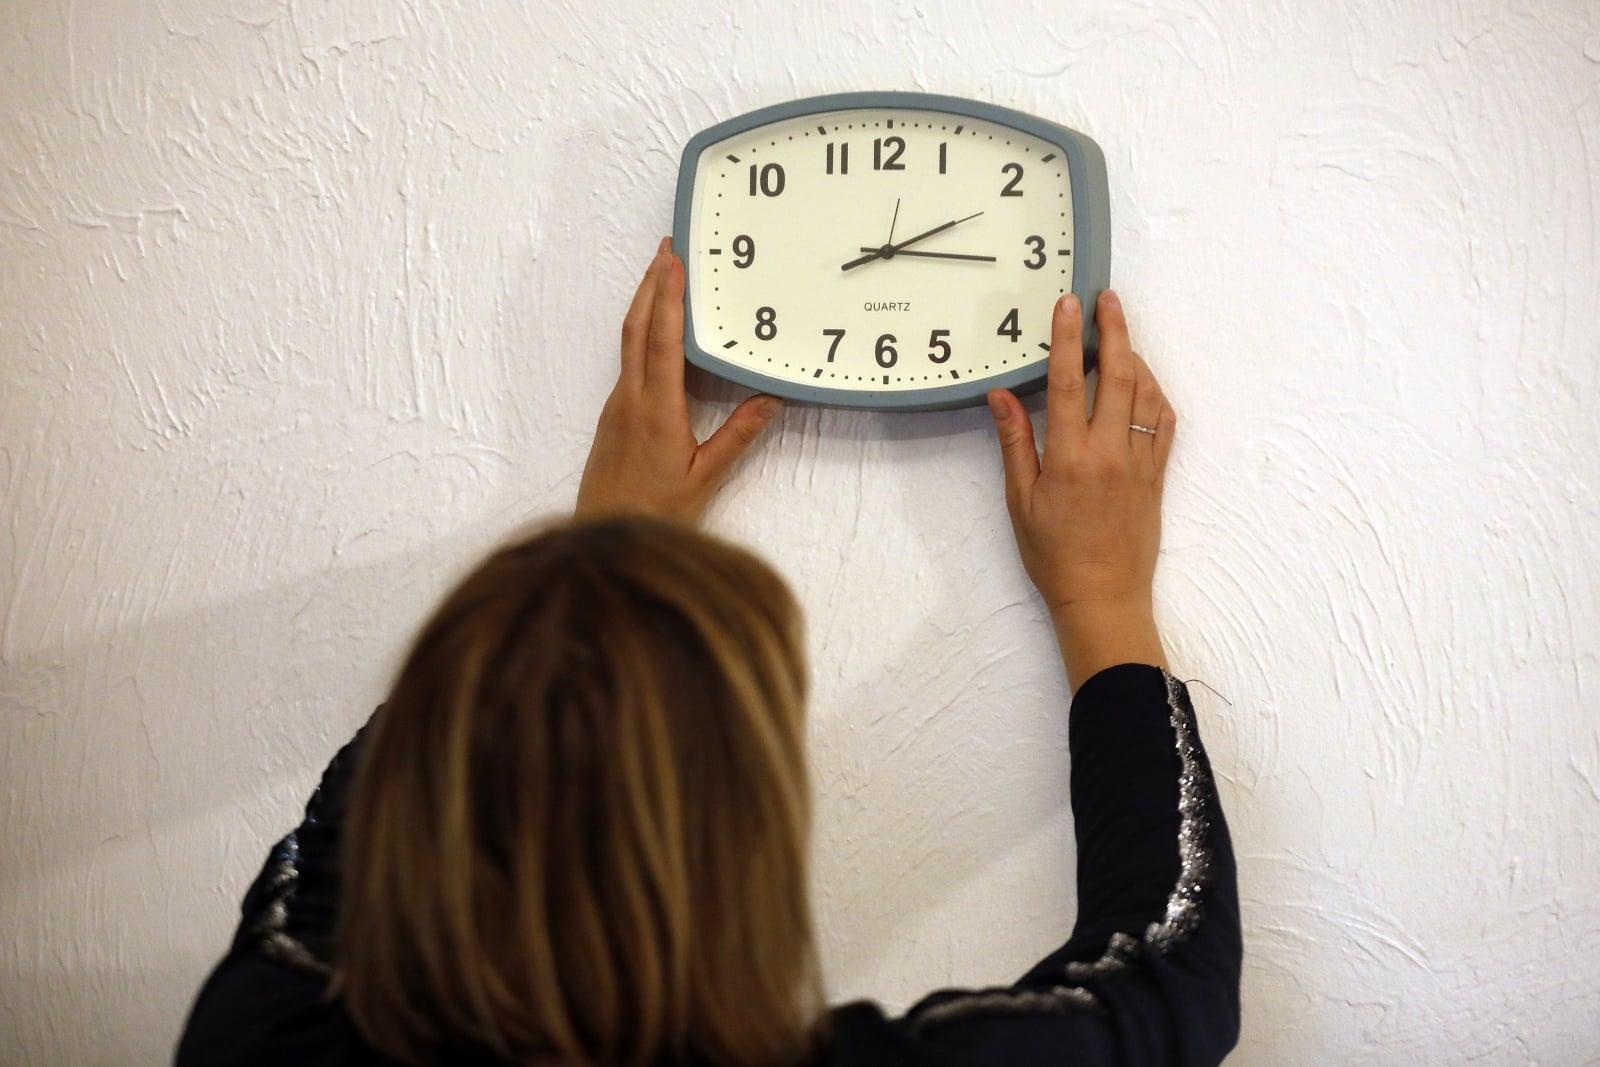 W dniu 28 października kraje europejskie cofną zegary o godzinę powrotu do zimy. Ta zmiana zegara może być ostatnia, ponieważ Komisja Europejska planuje zakończyć okresy letnie w 2019 roku, fot. EPA/SEBASTIEN NOGIER